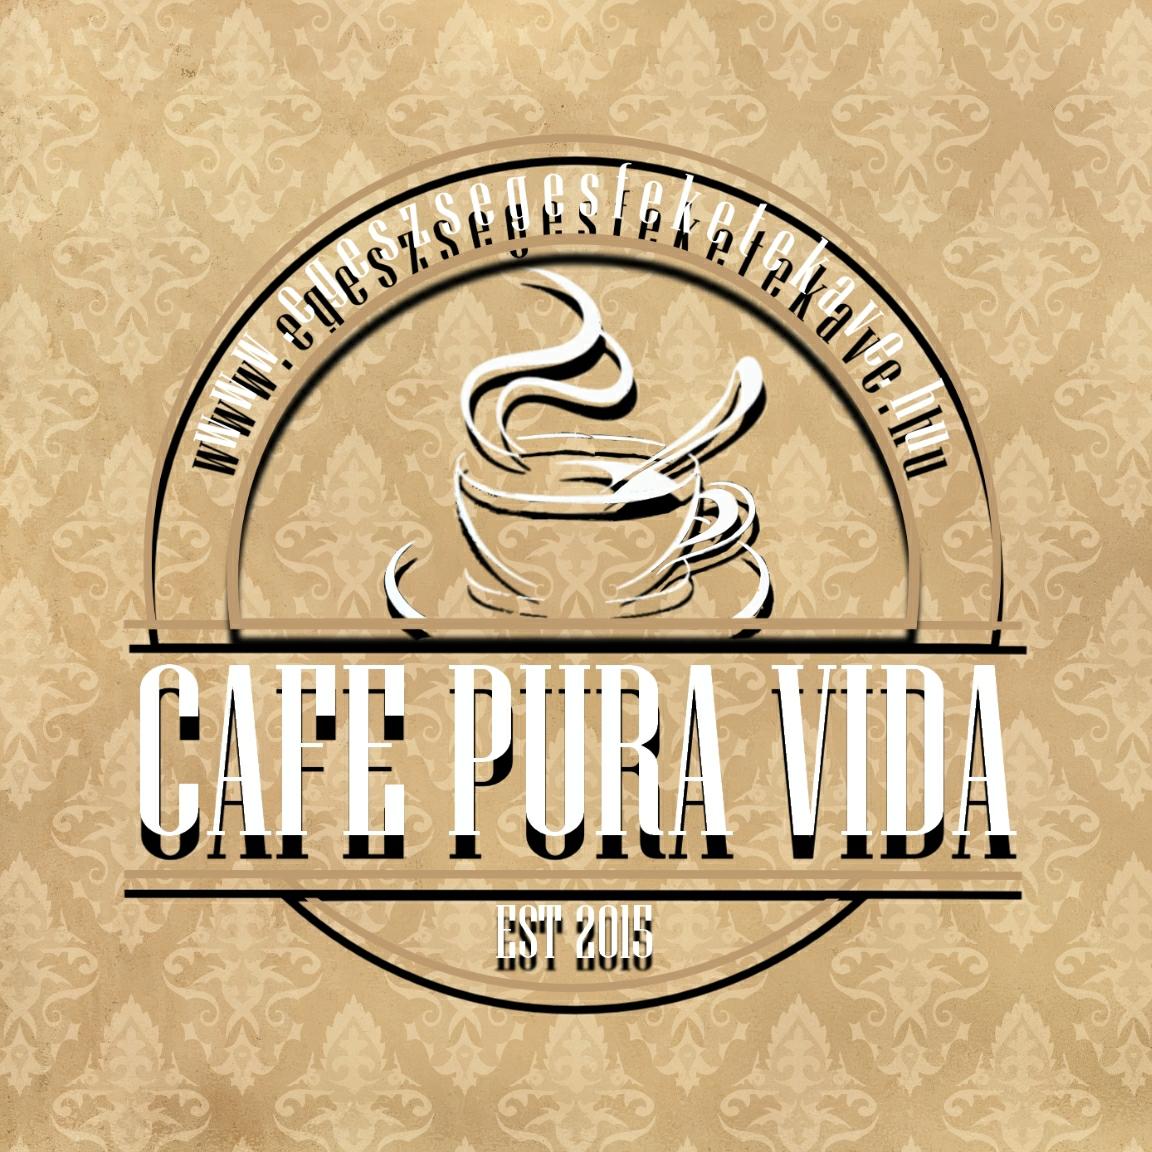 Cafe Pura Vida